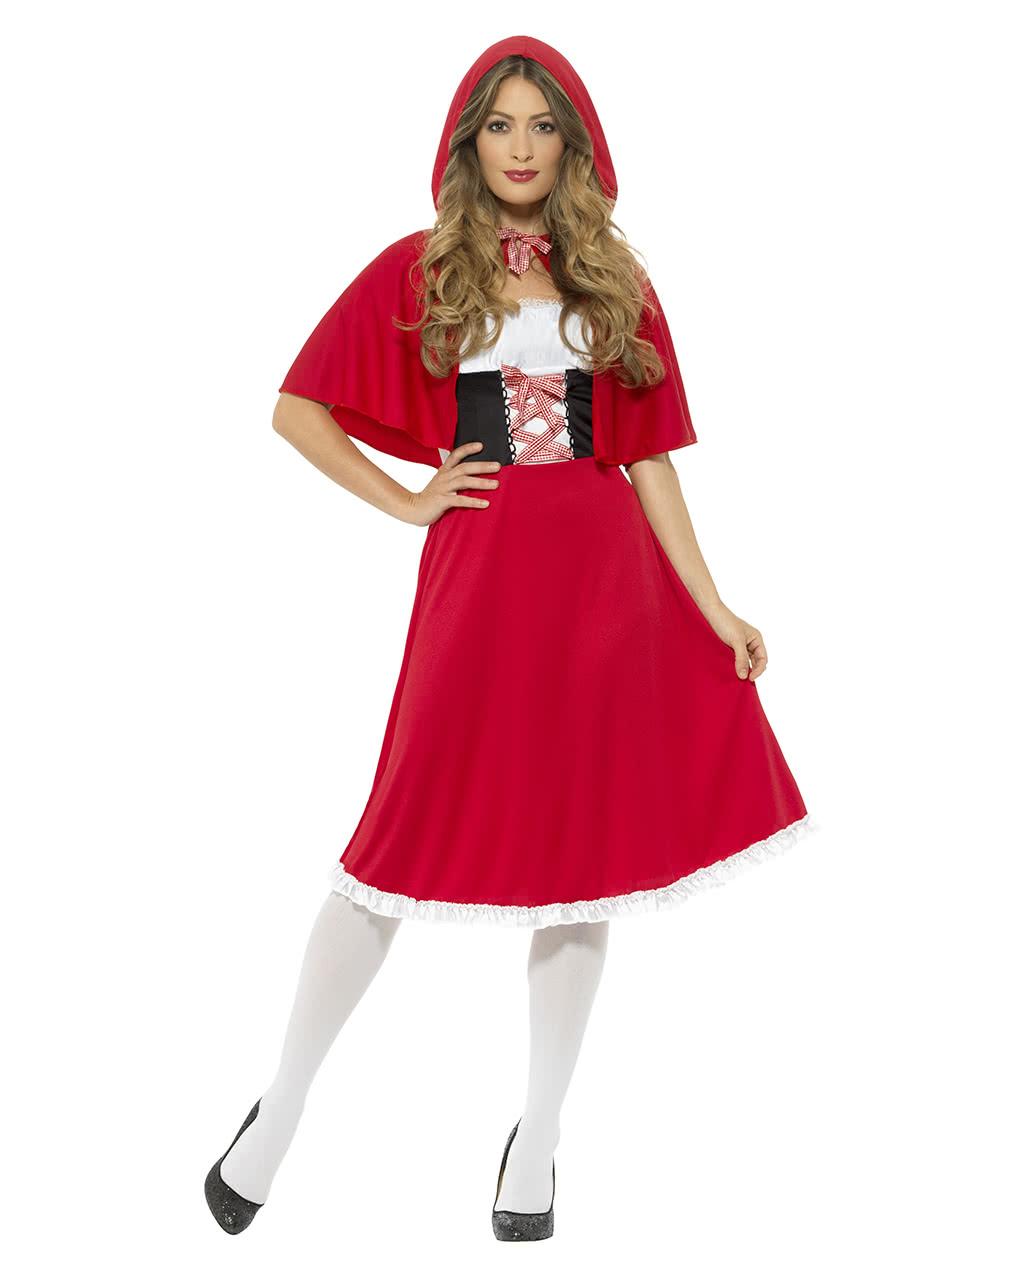 Rotkäppchen Kostüm mit Kapuze für Karneval L